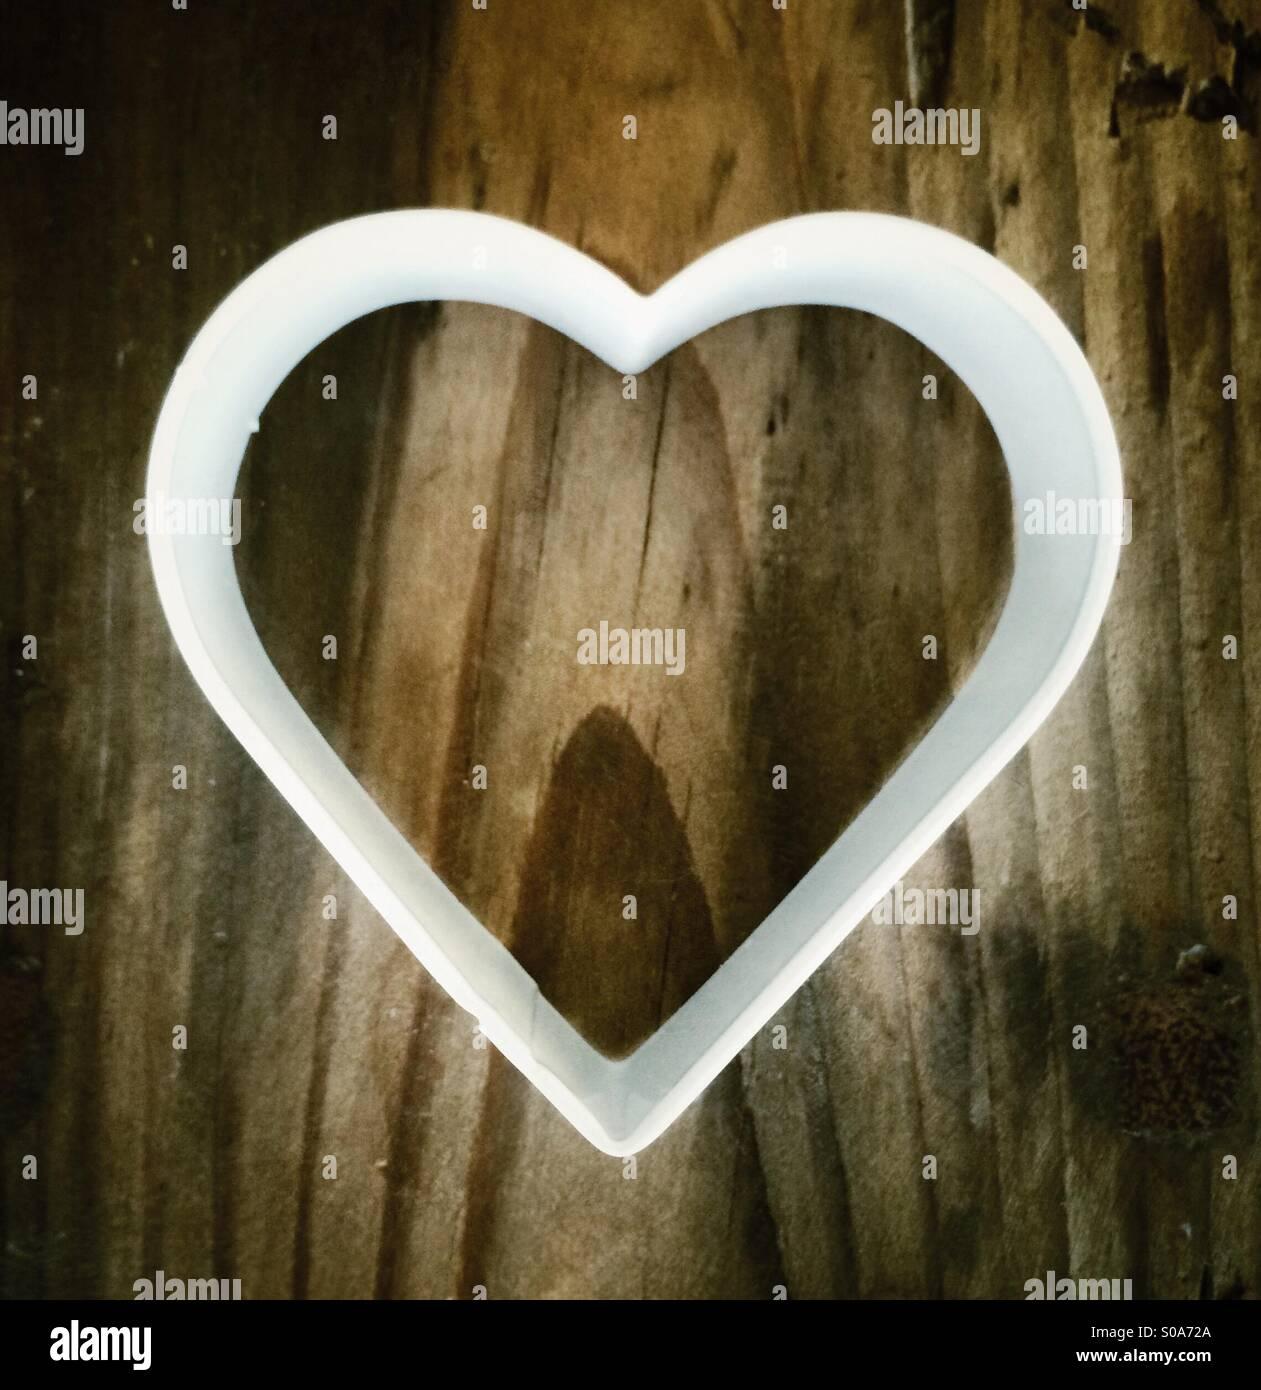 Bianco a forma di cuore formina sul tagliere di legno Foto Stock